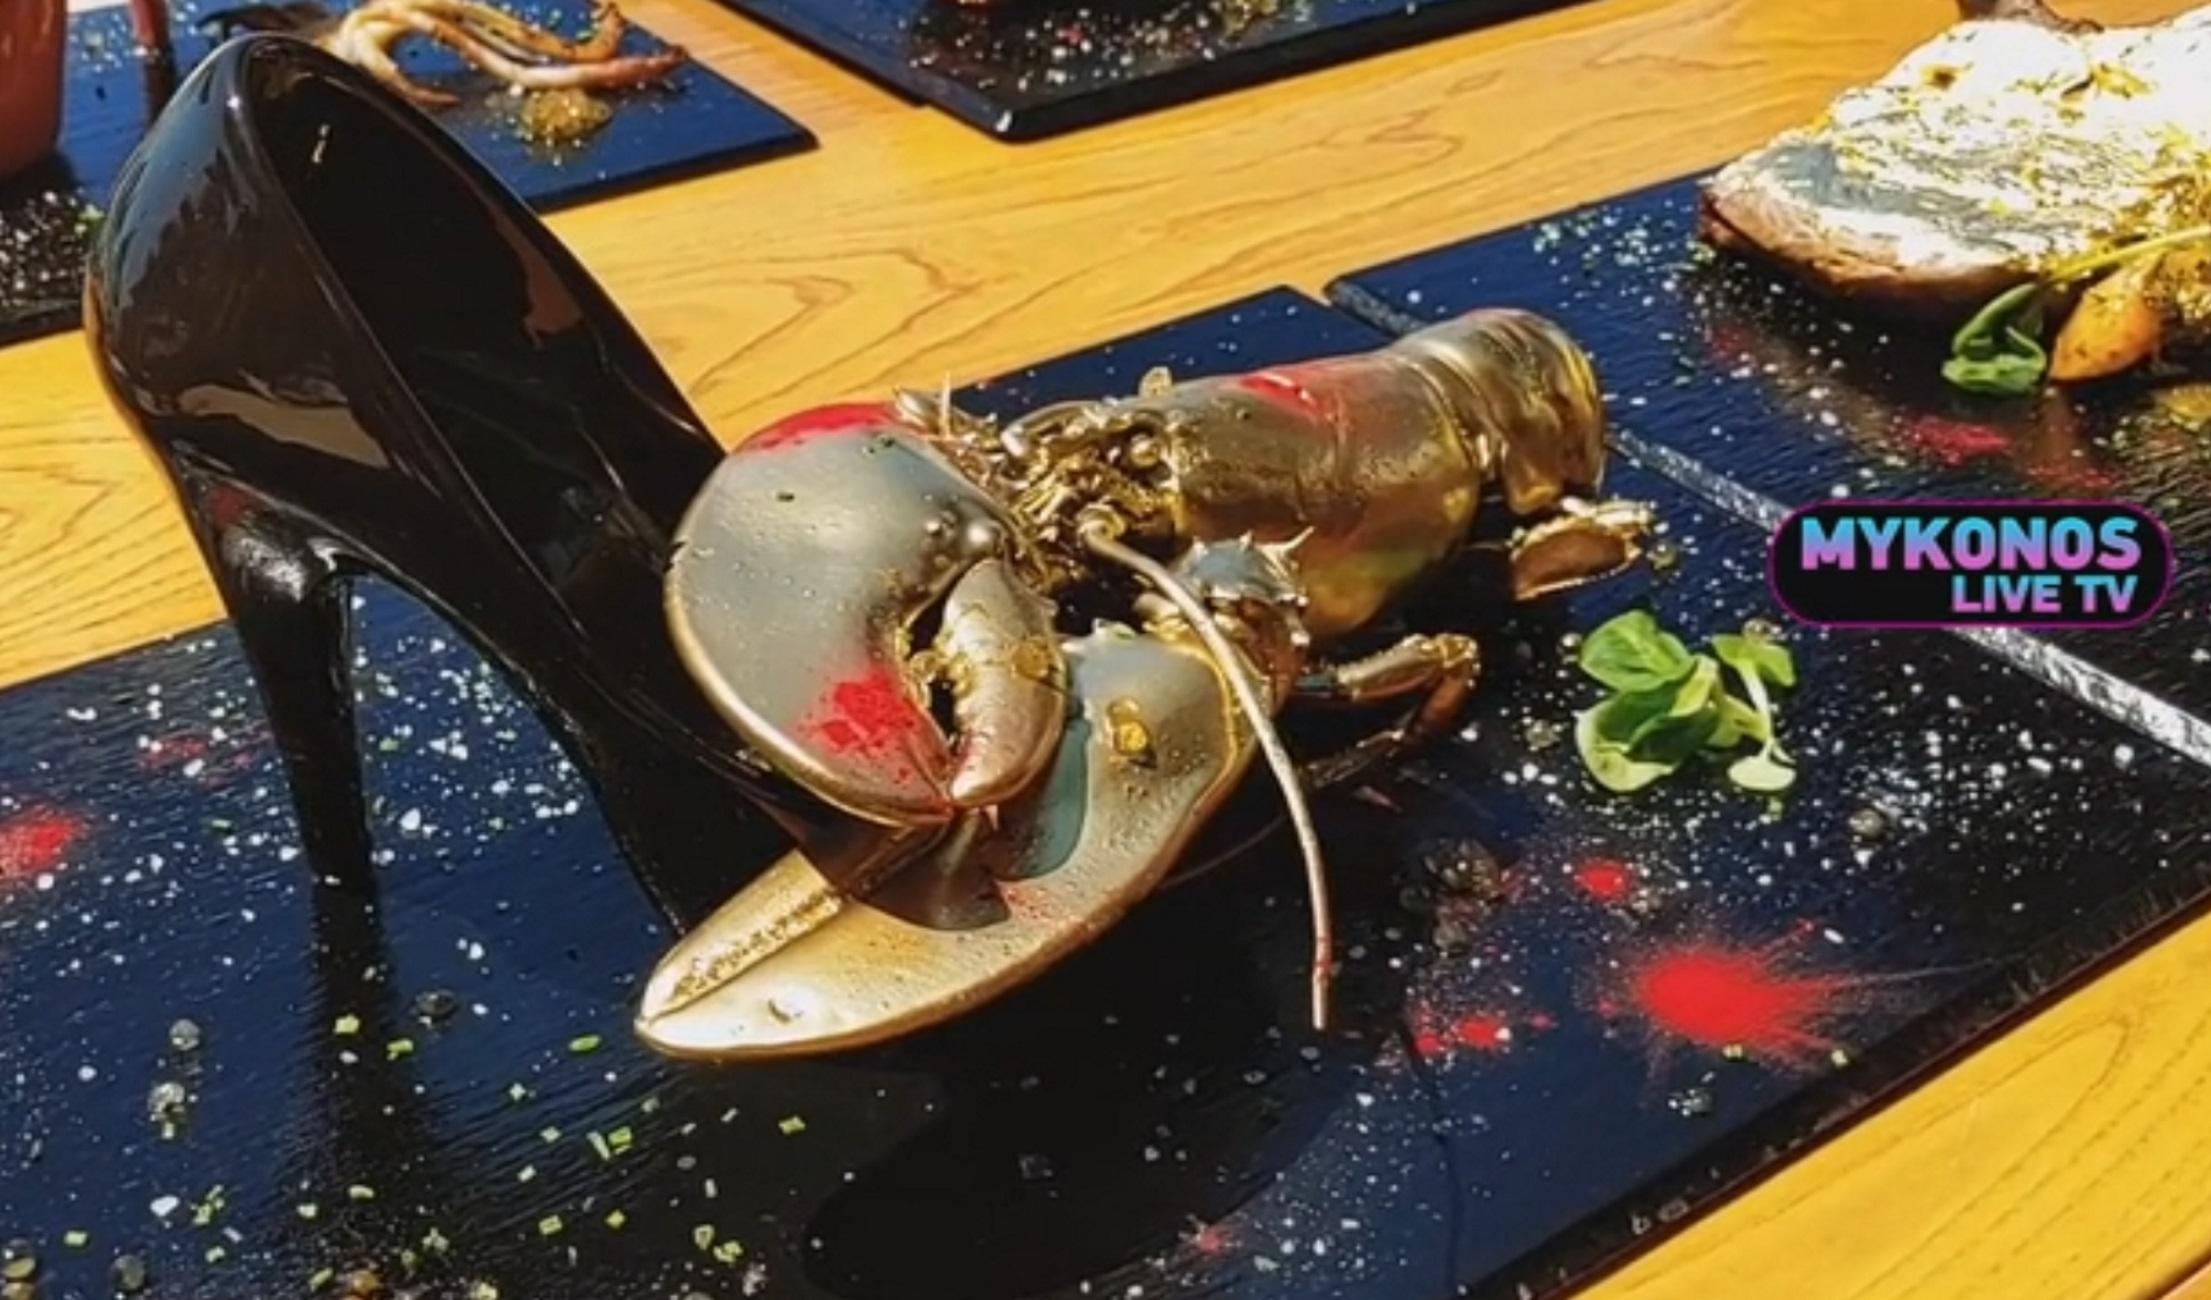 Μύκονος: Το εστιατόριο που σερβίρει με χρυσό φτυάρι – Πανάκριβα πιάτα και λογαριασμοί που ζαλίζουν (video)